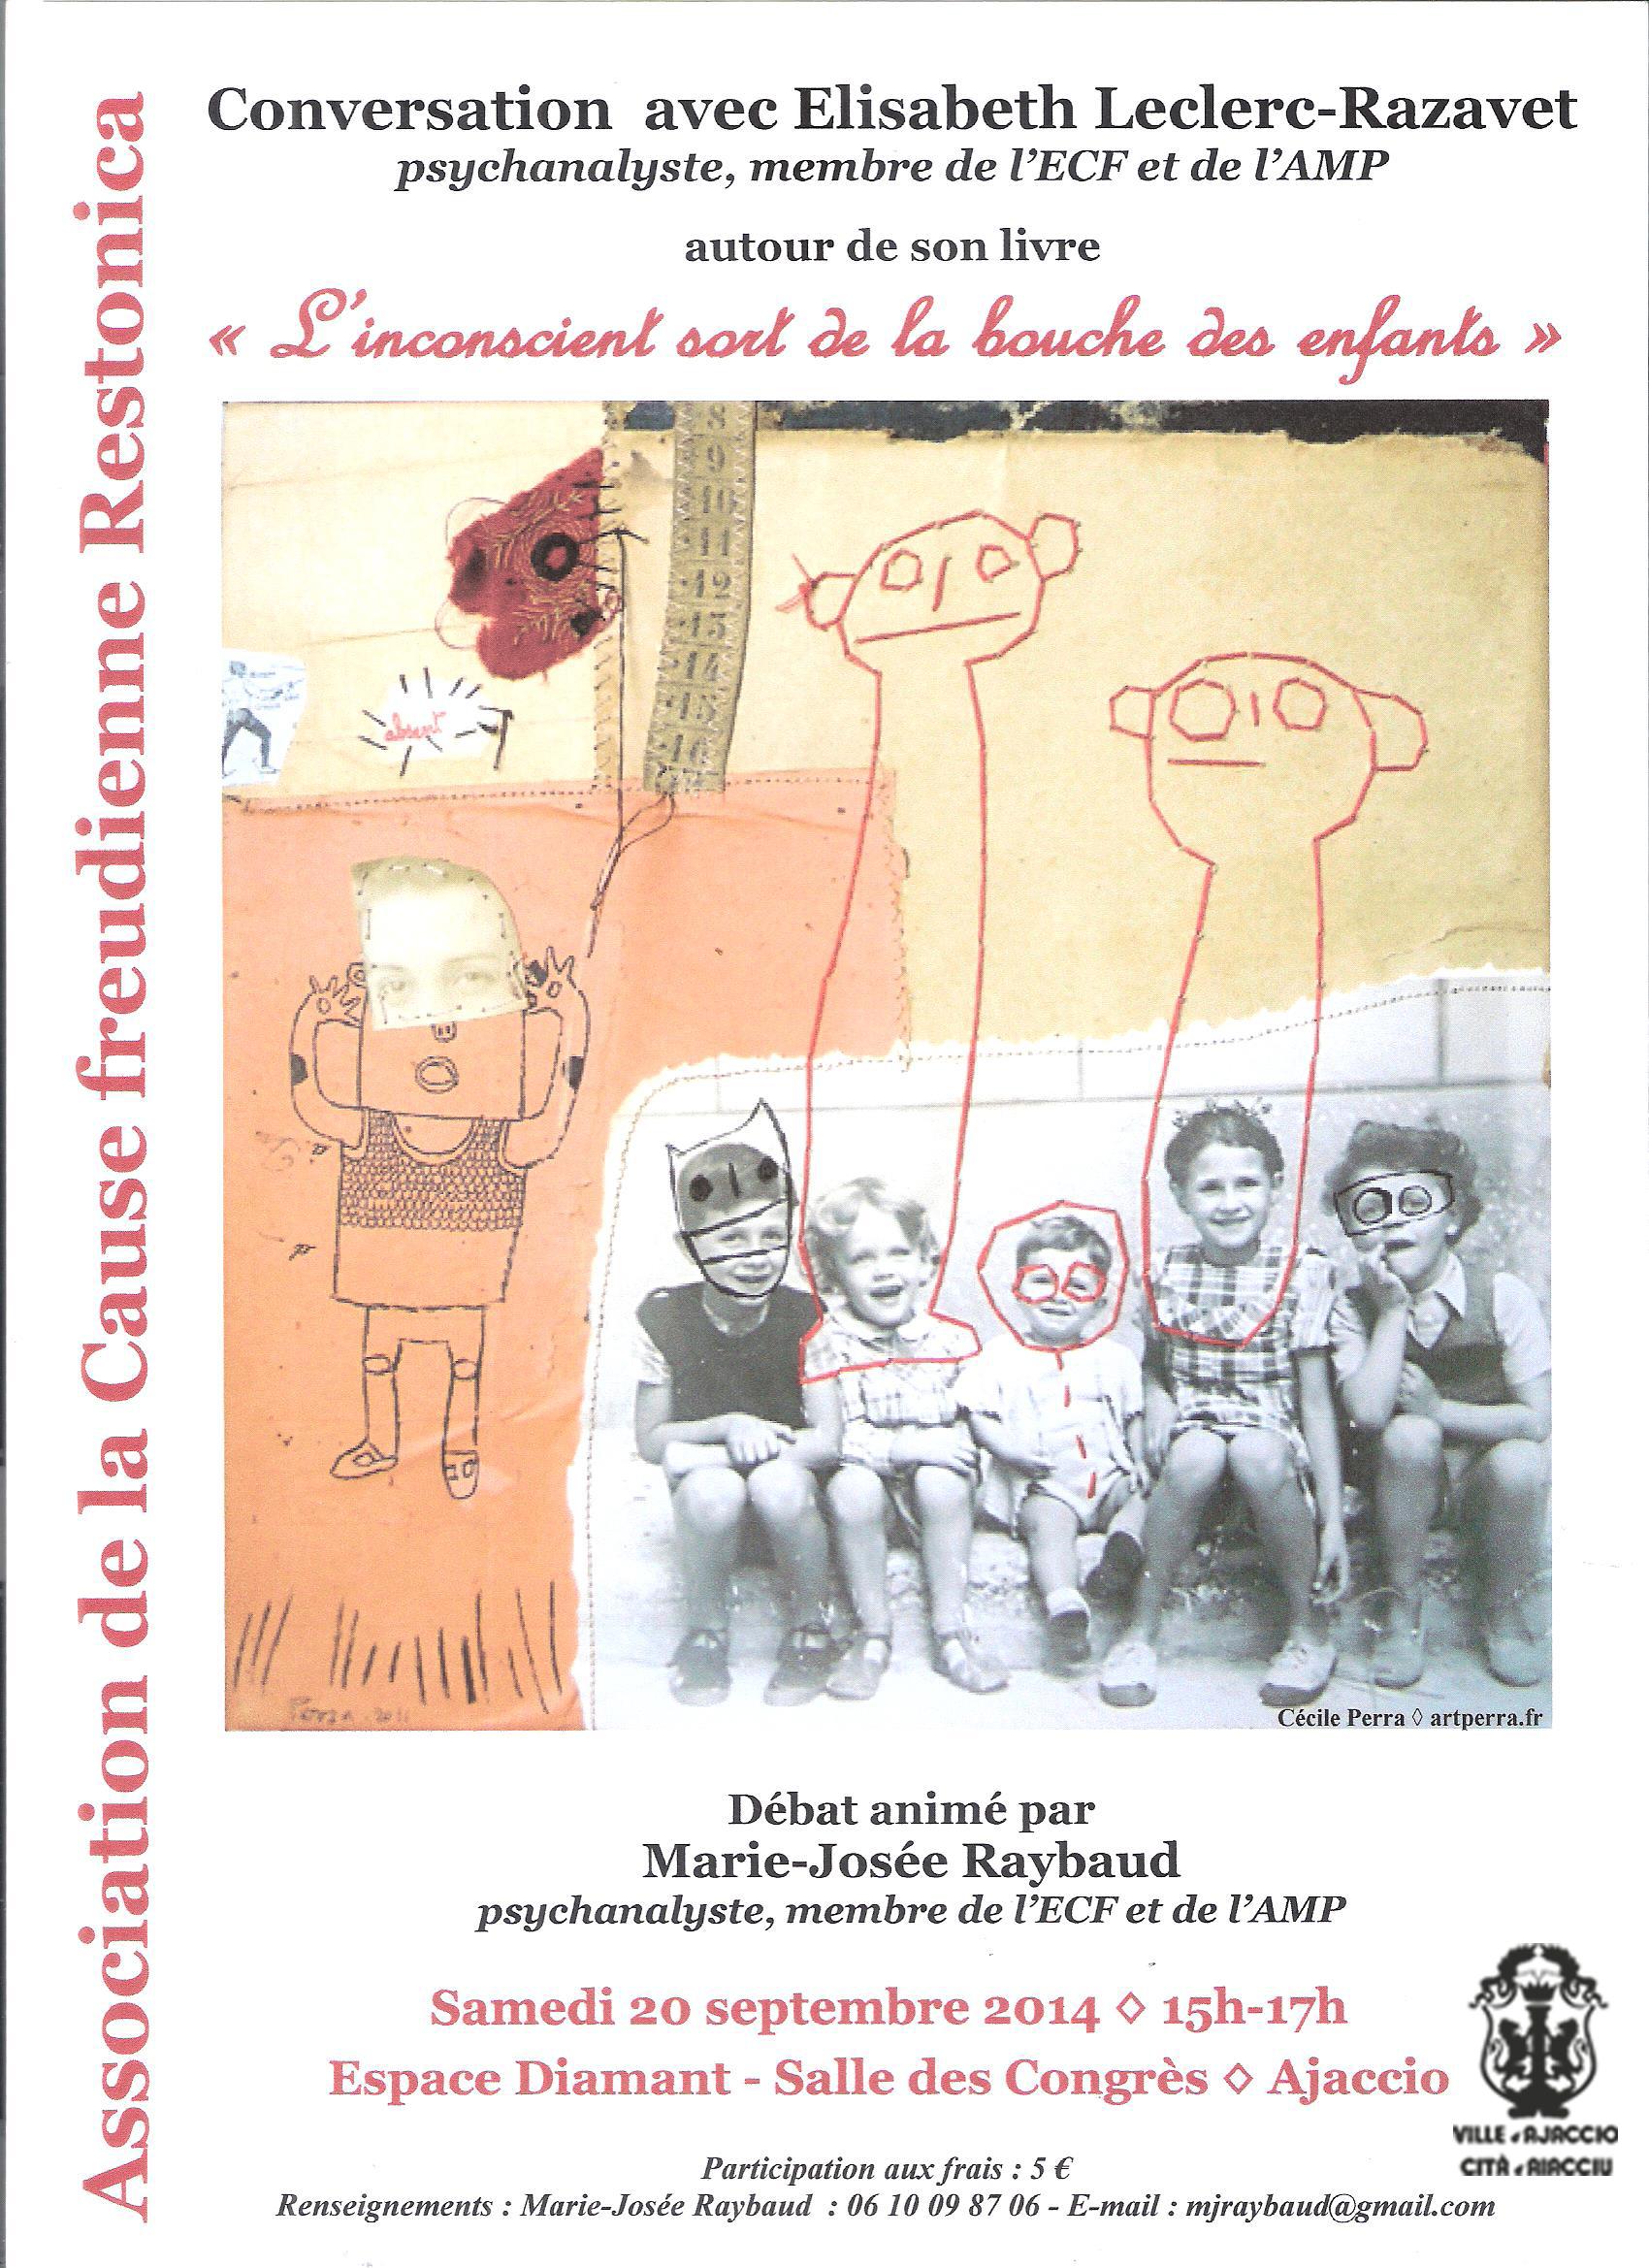 Conférence/psychanalyse avec Elisabeth Leclerc-Razavet